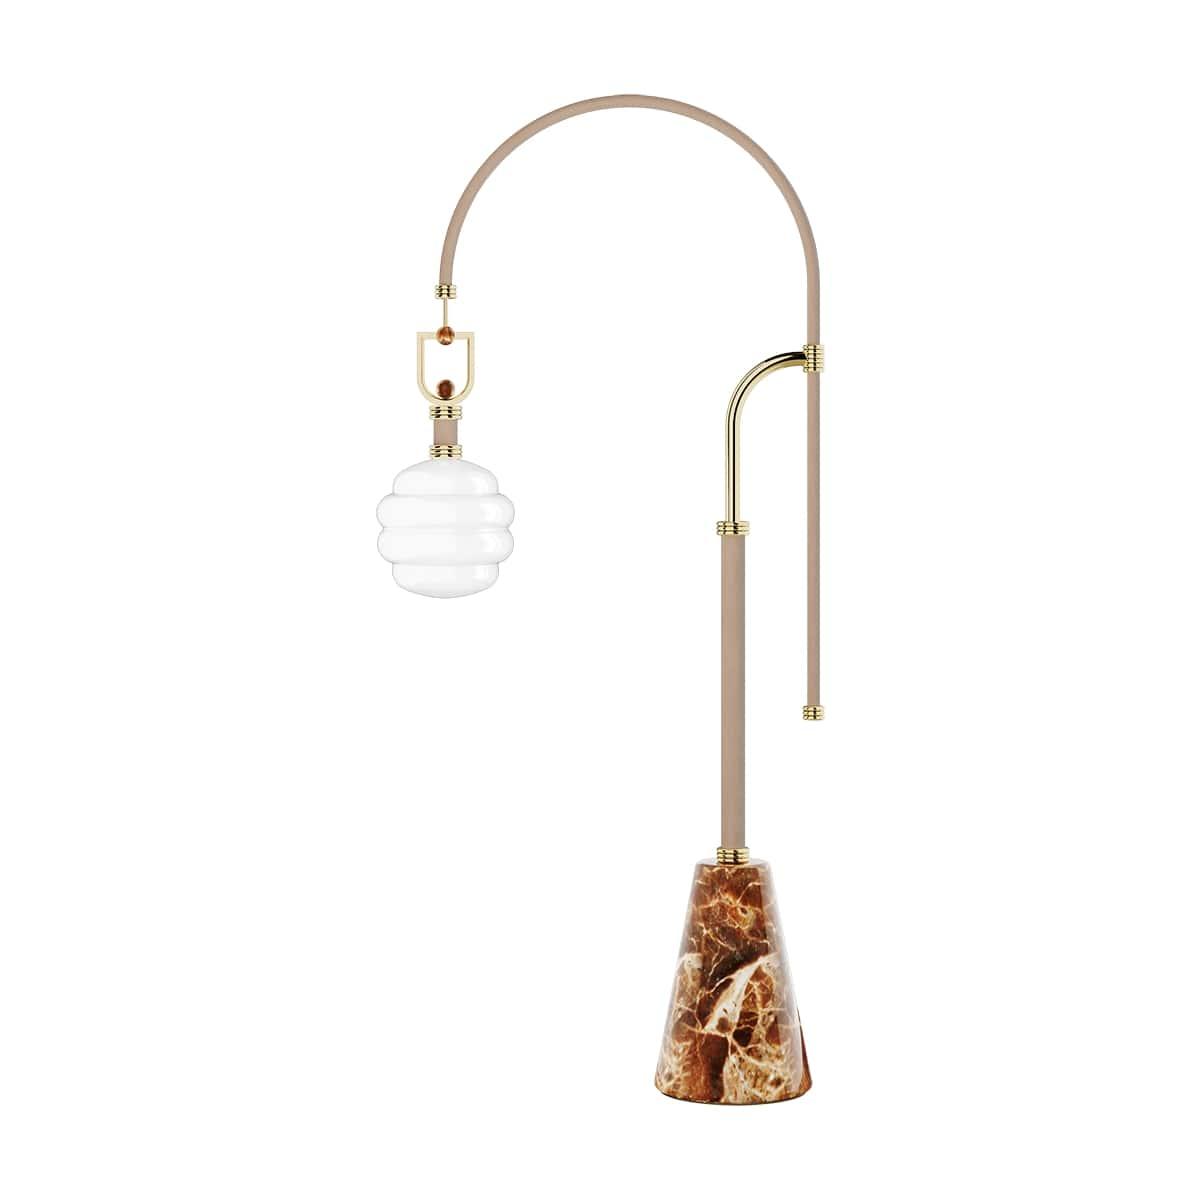 Luminous Floor Lamp - Fall Home Decor Guide